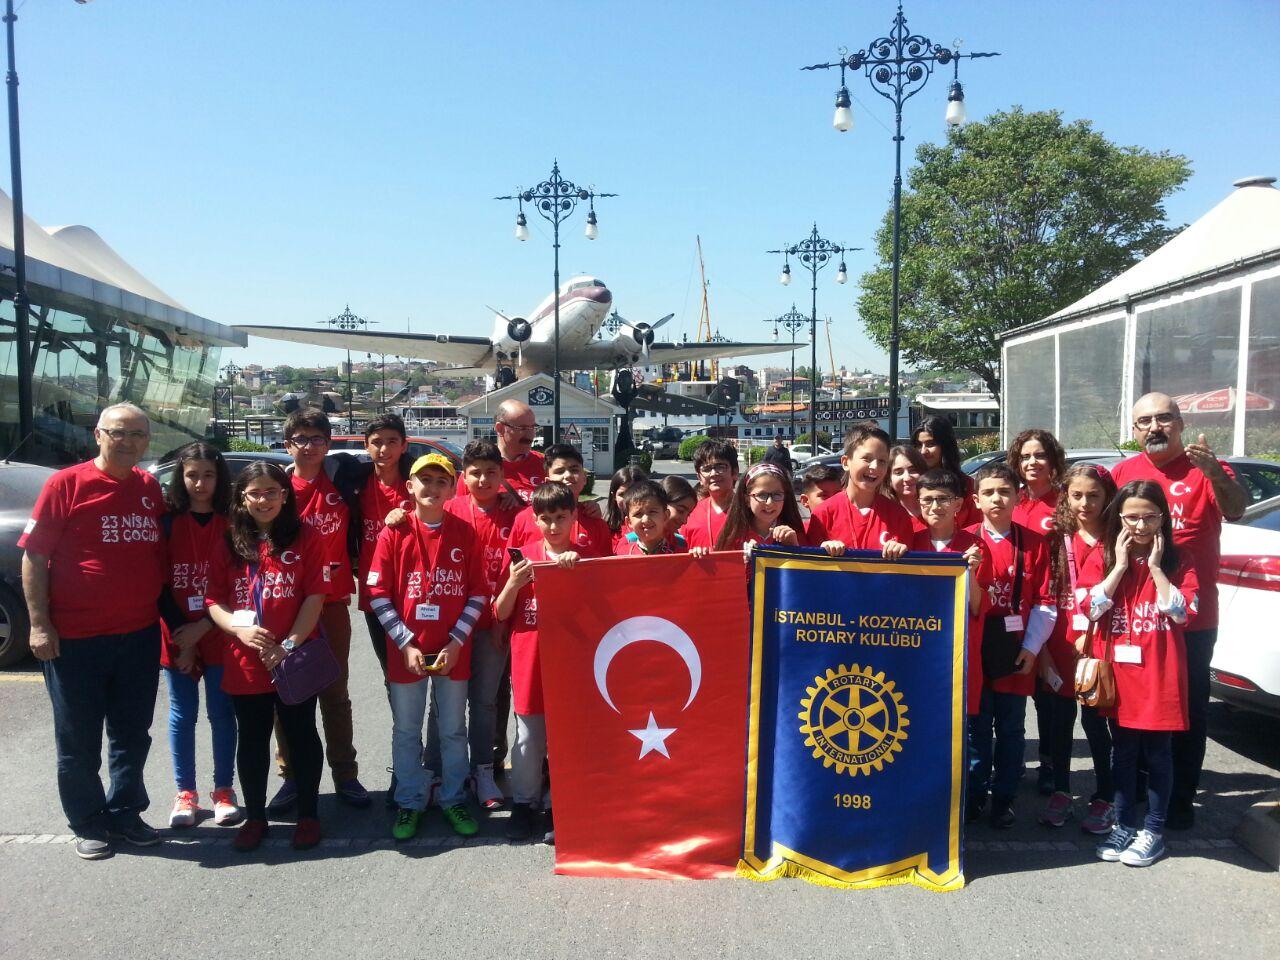 Kozyatağı Rotary Kulübü'nden 23 Nisan - 23 Çocuk projesi